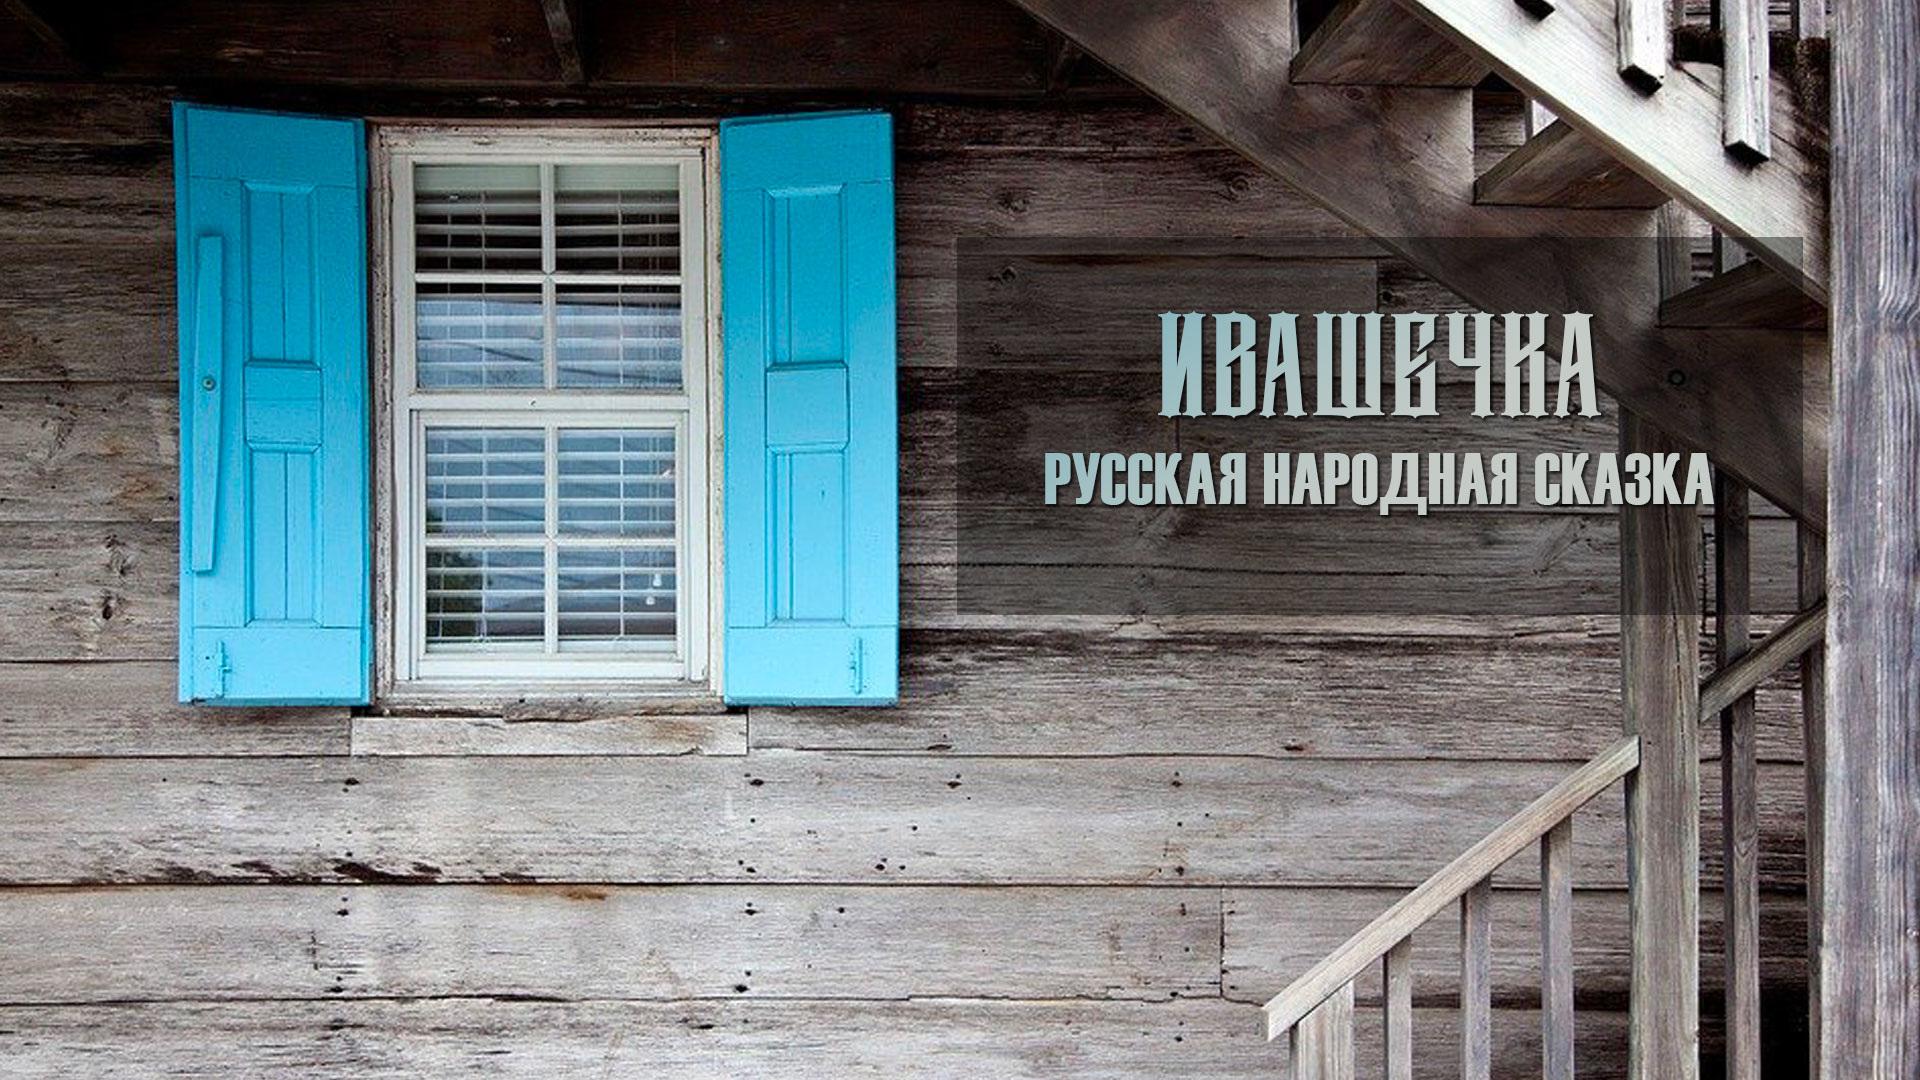 Ивашечка. Русская народная сказка